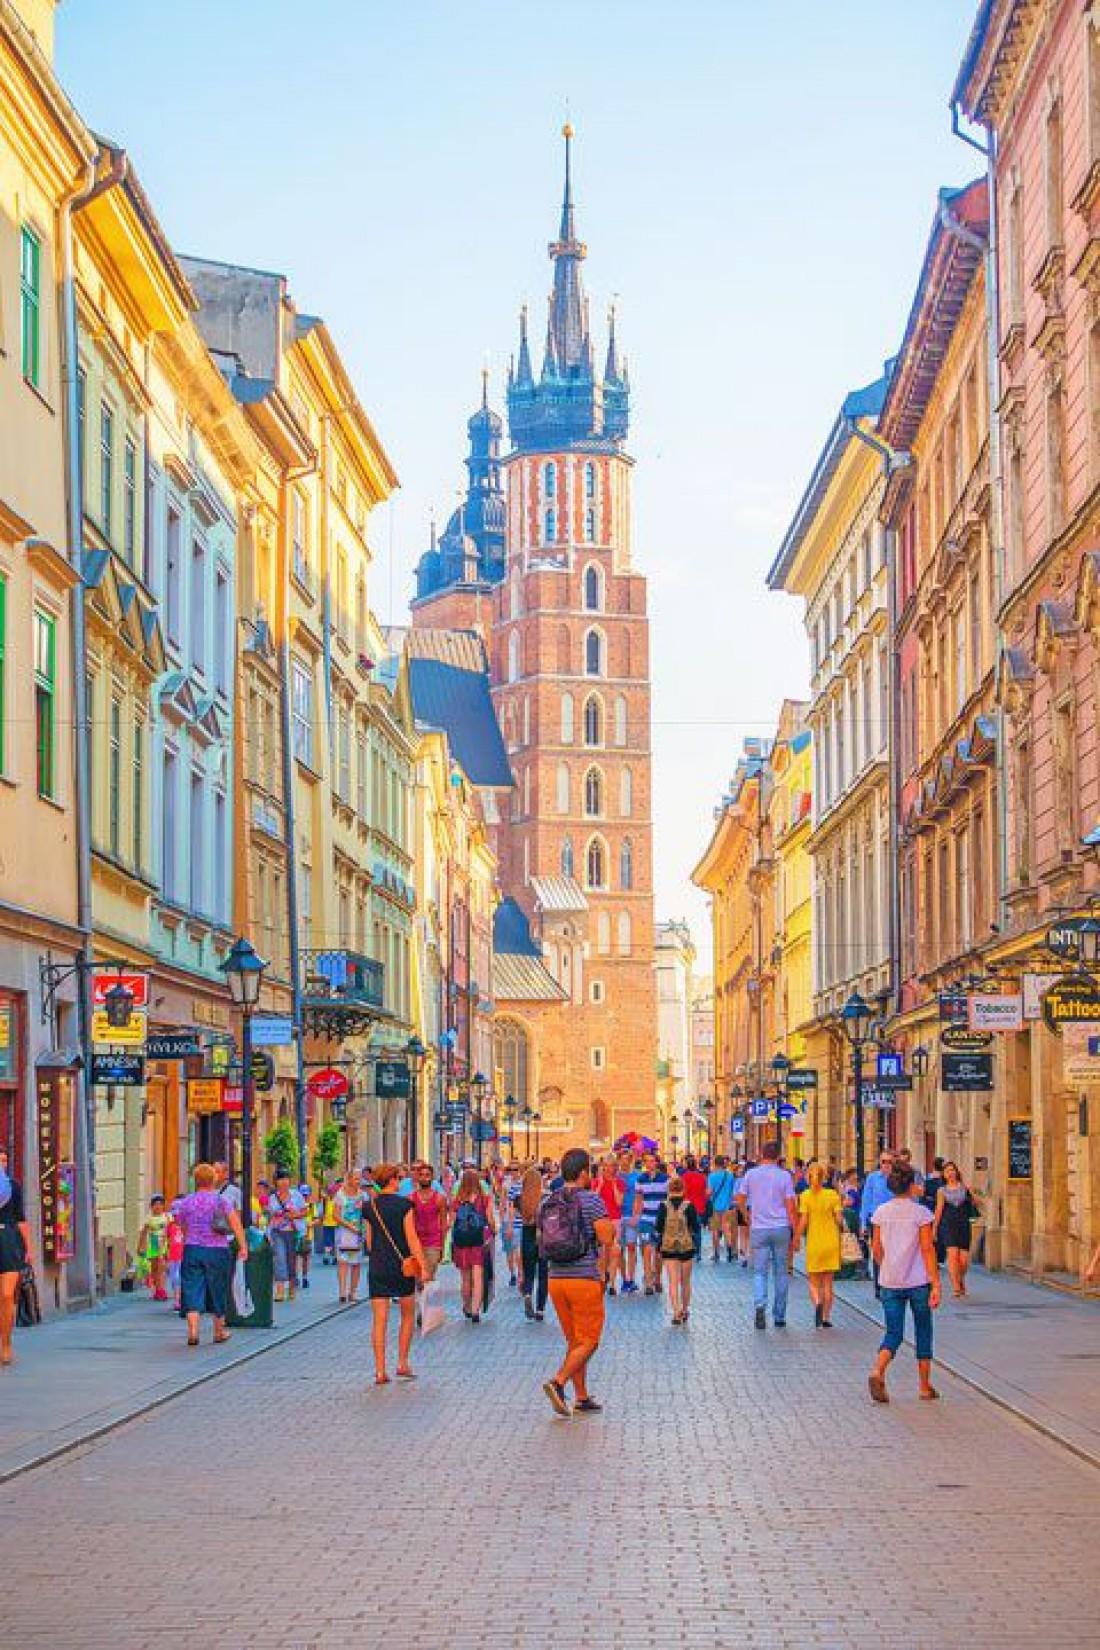 Архитектура Кракова будто нарисована рукой талантливого художника